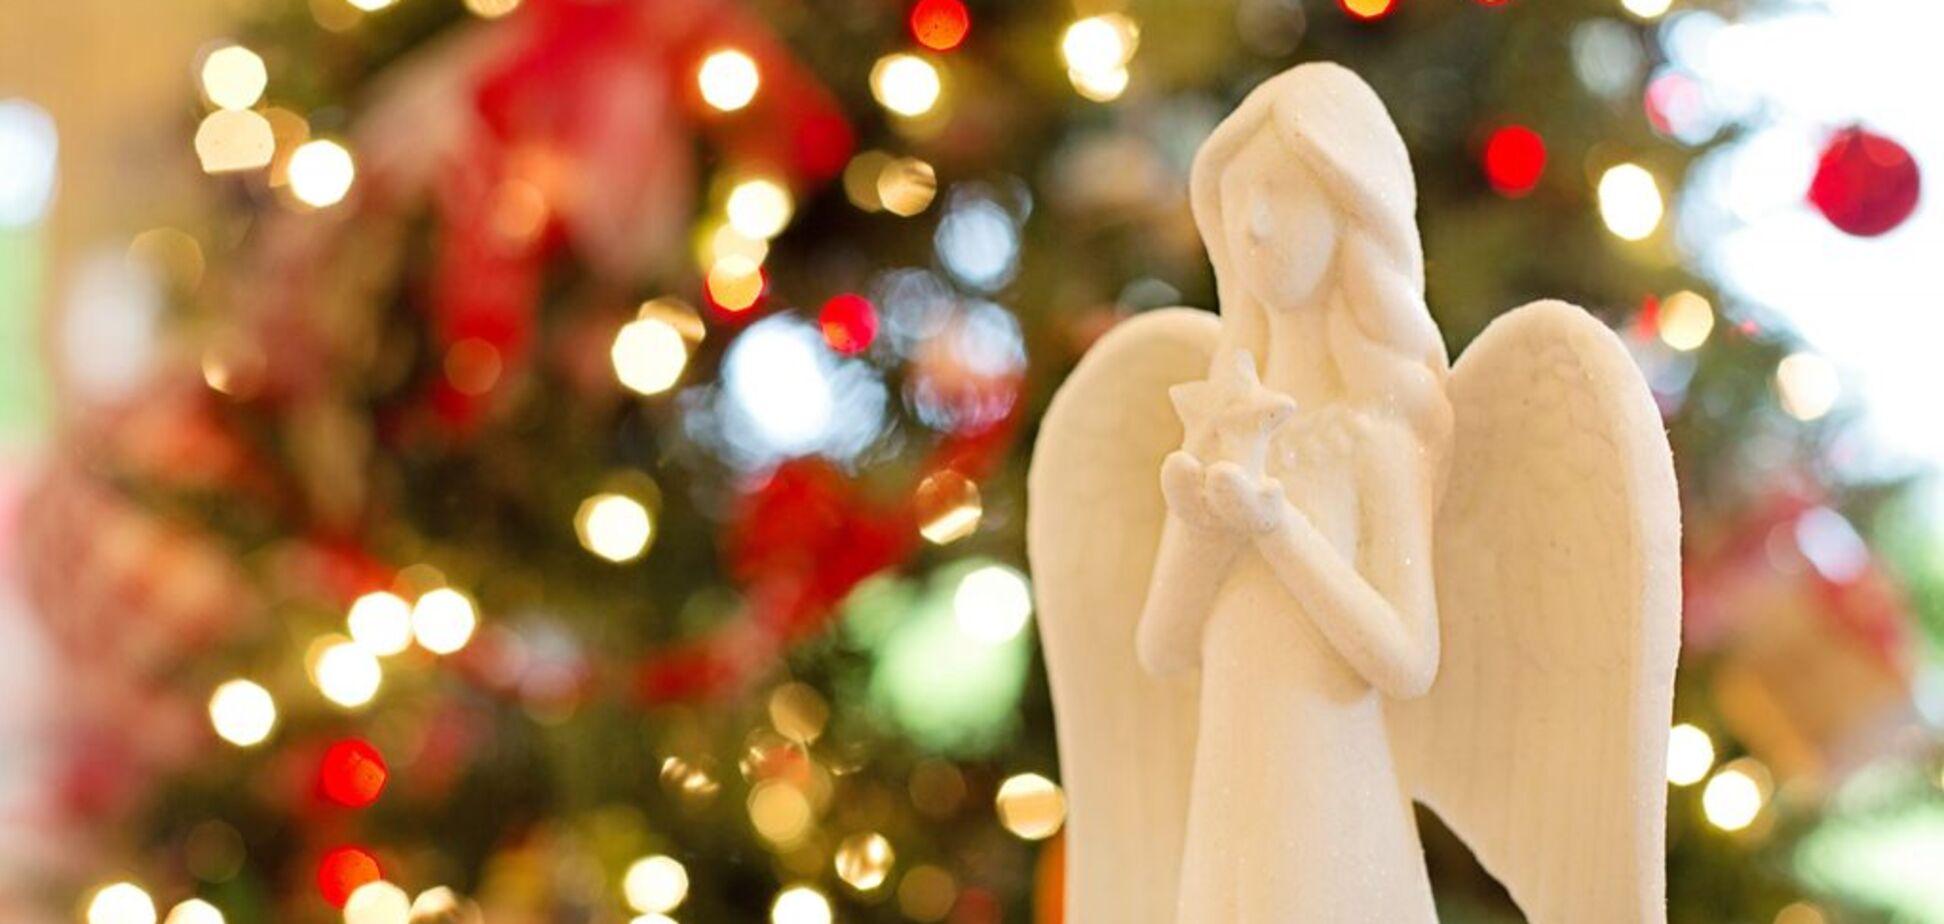 Православне Різдво Христове: чого категорично не можна робити 7 січня